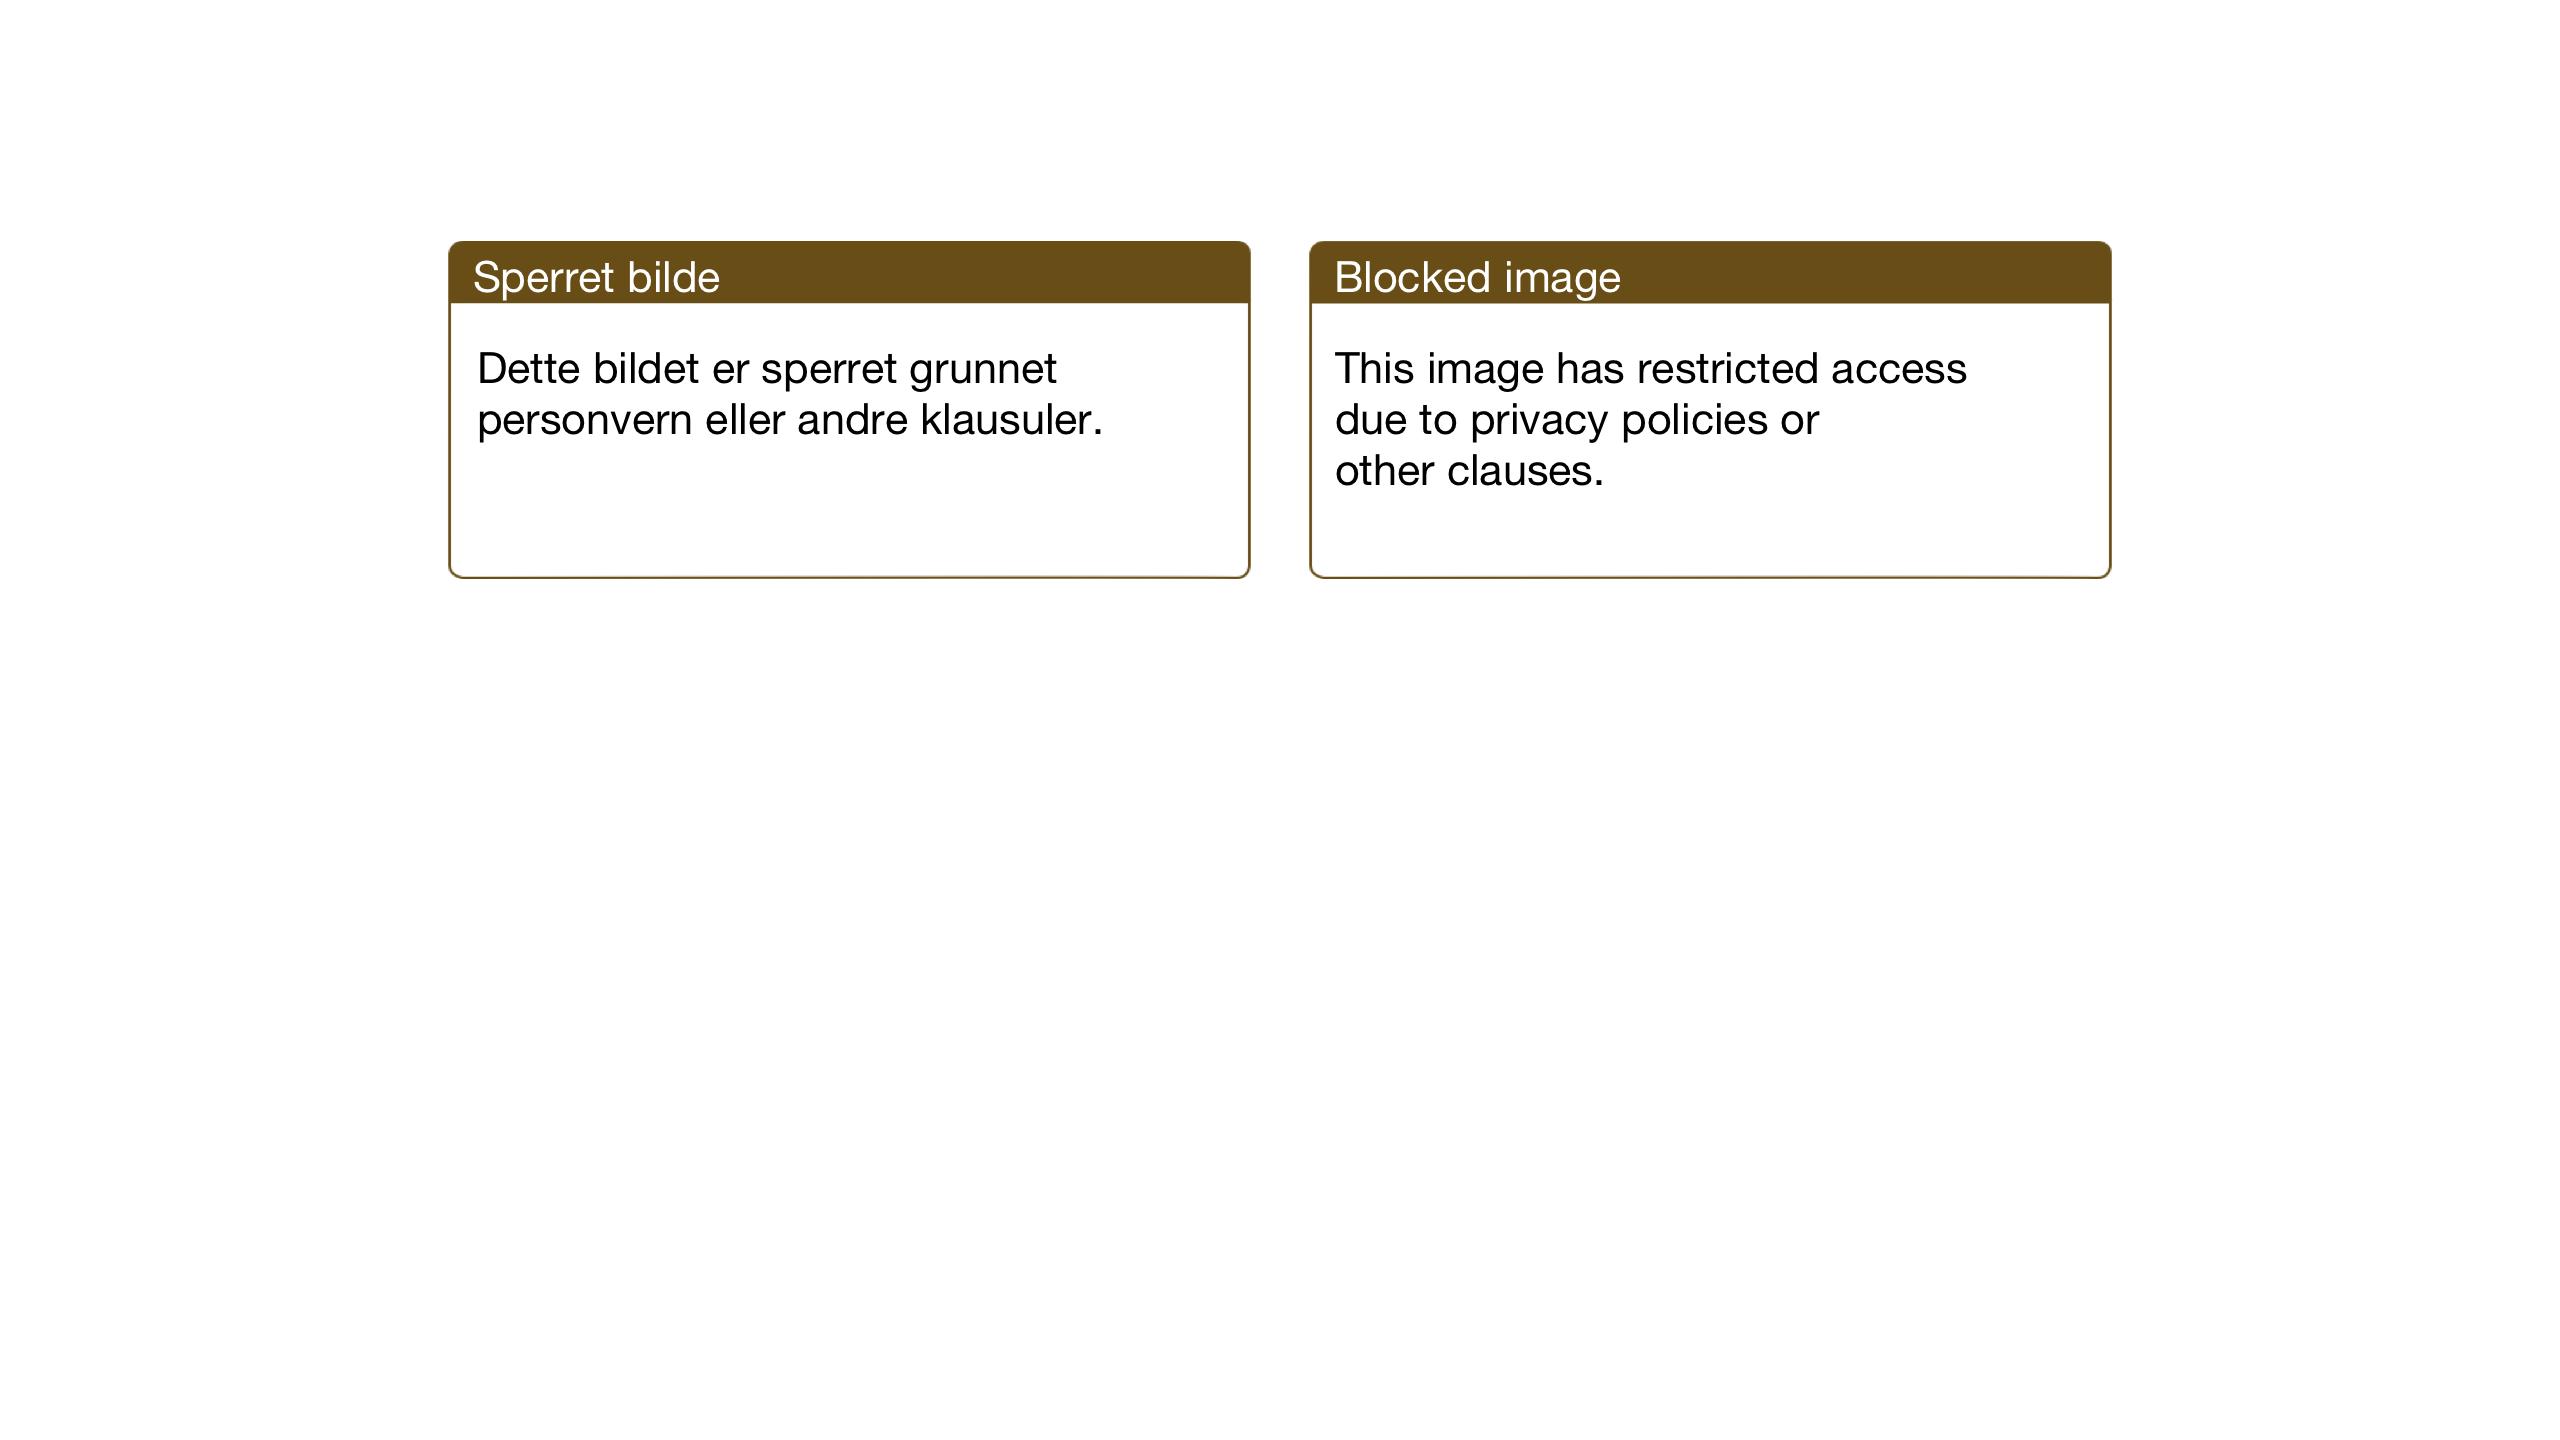 SAT, Ministerialprotokoller, klokkerbøker og fødselsregistre - Sør-Trøndelag, 611/L0357: Klokkerbok nr. 611C05, 1938-1942, s. 49